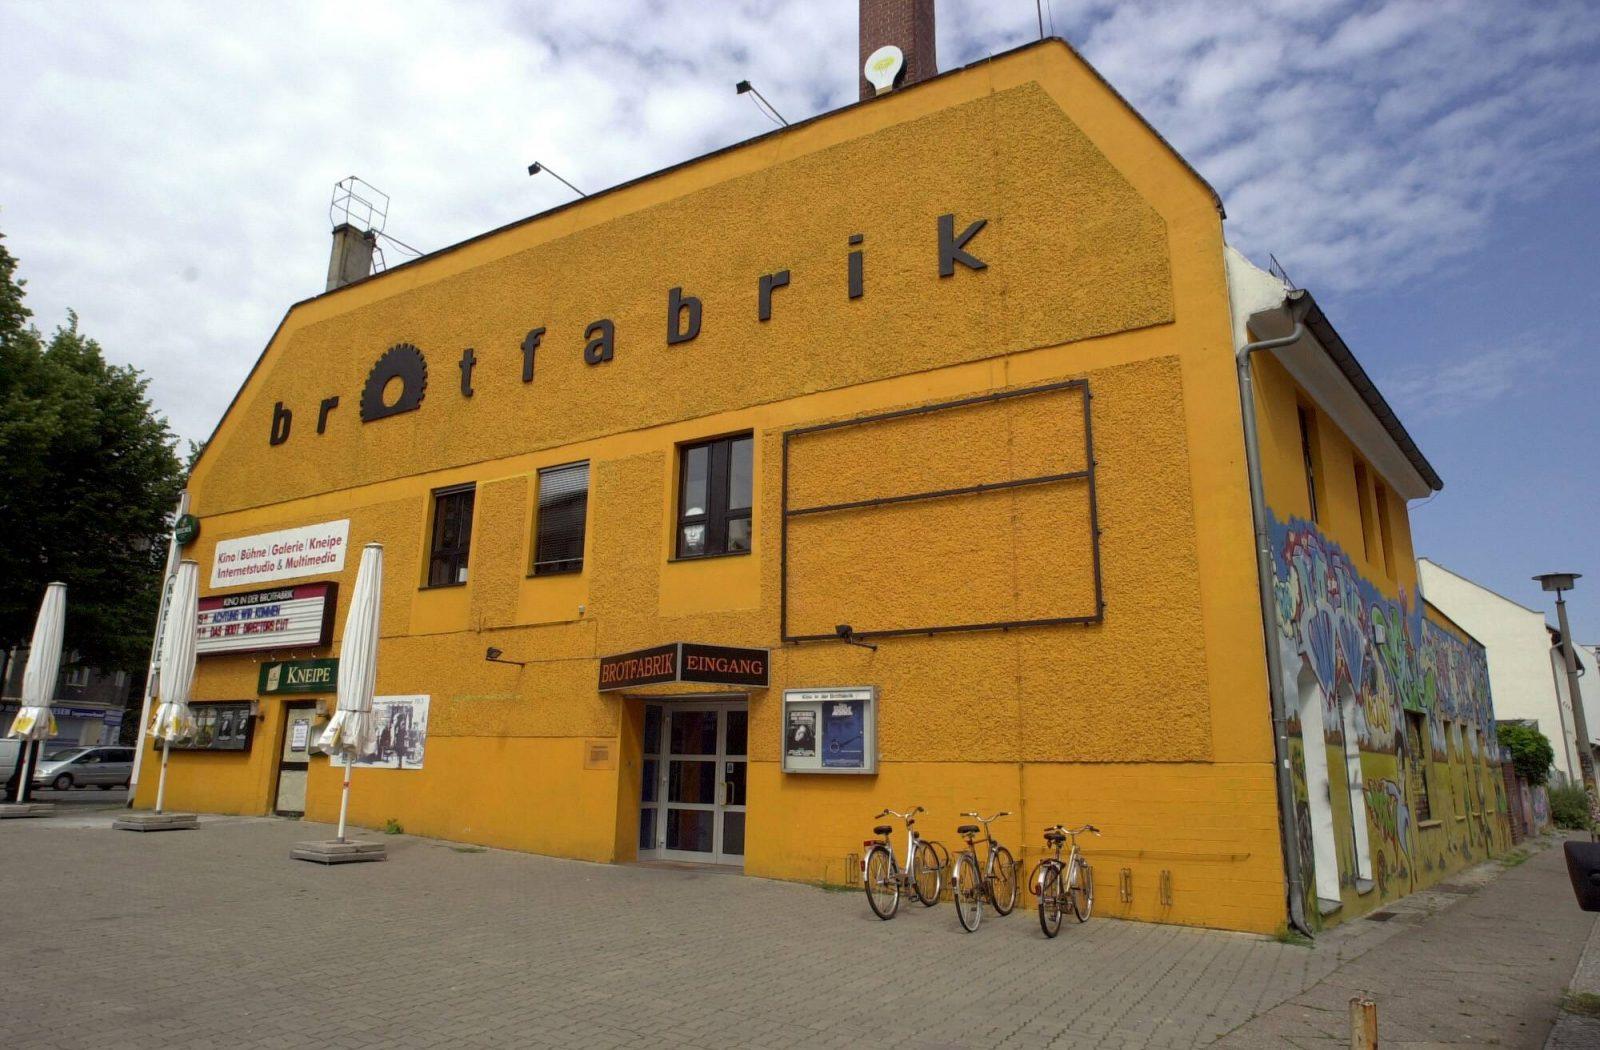 Brotfabrik Berlin Kino